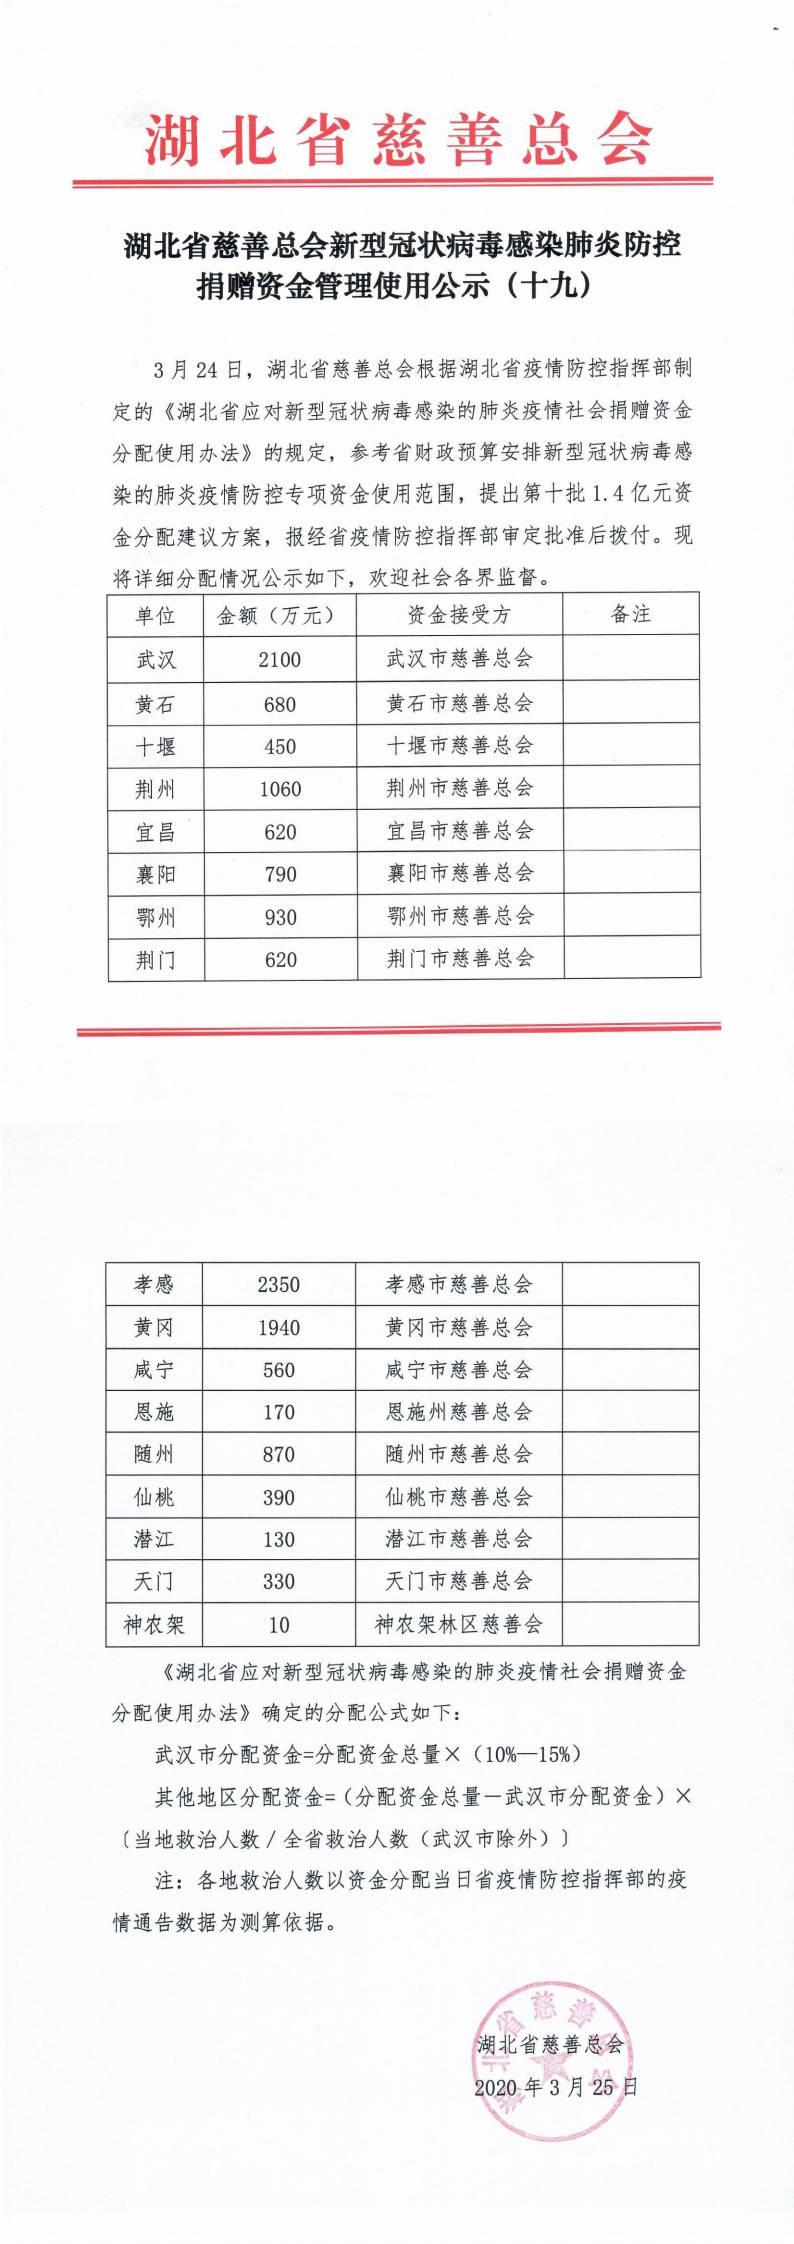 3月25日 湖北省慈善总会资金拨付公示(十九)(1)_0.png